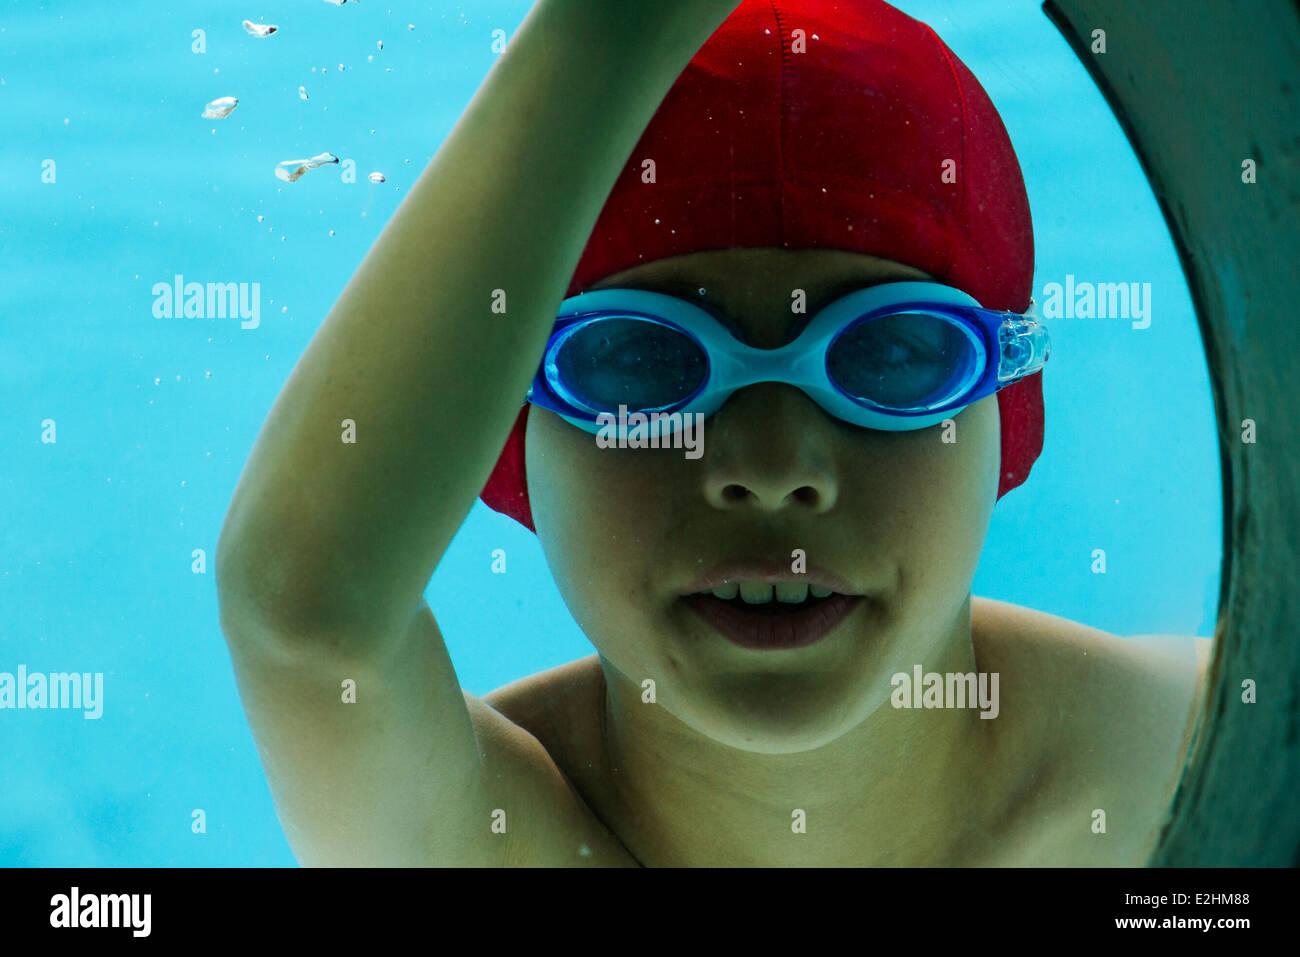 Garçon sous l'eau, regardant à travers un hublot, portrait Photo Stock